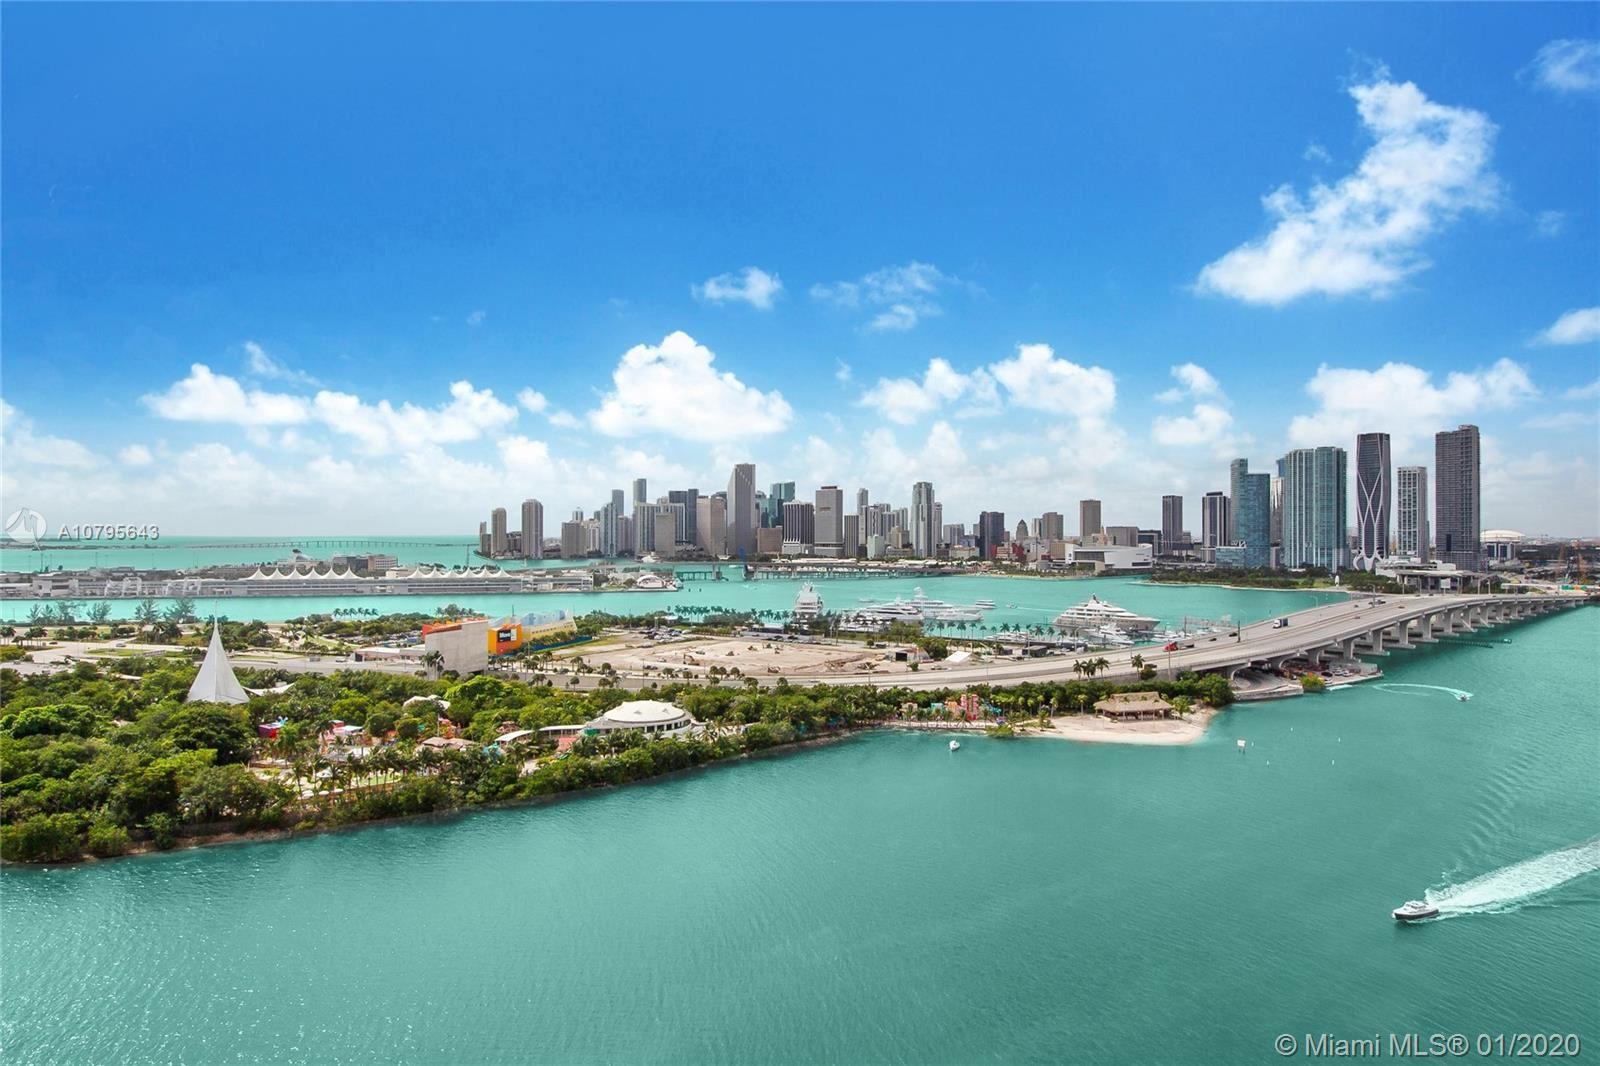 1000 Venetian Way #PH 2102, Miami Beach, FL 33139 - #: A10795643